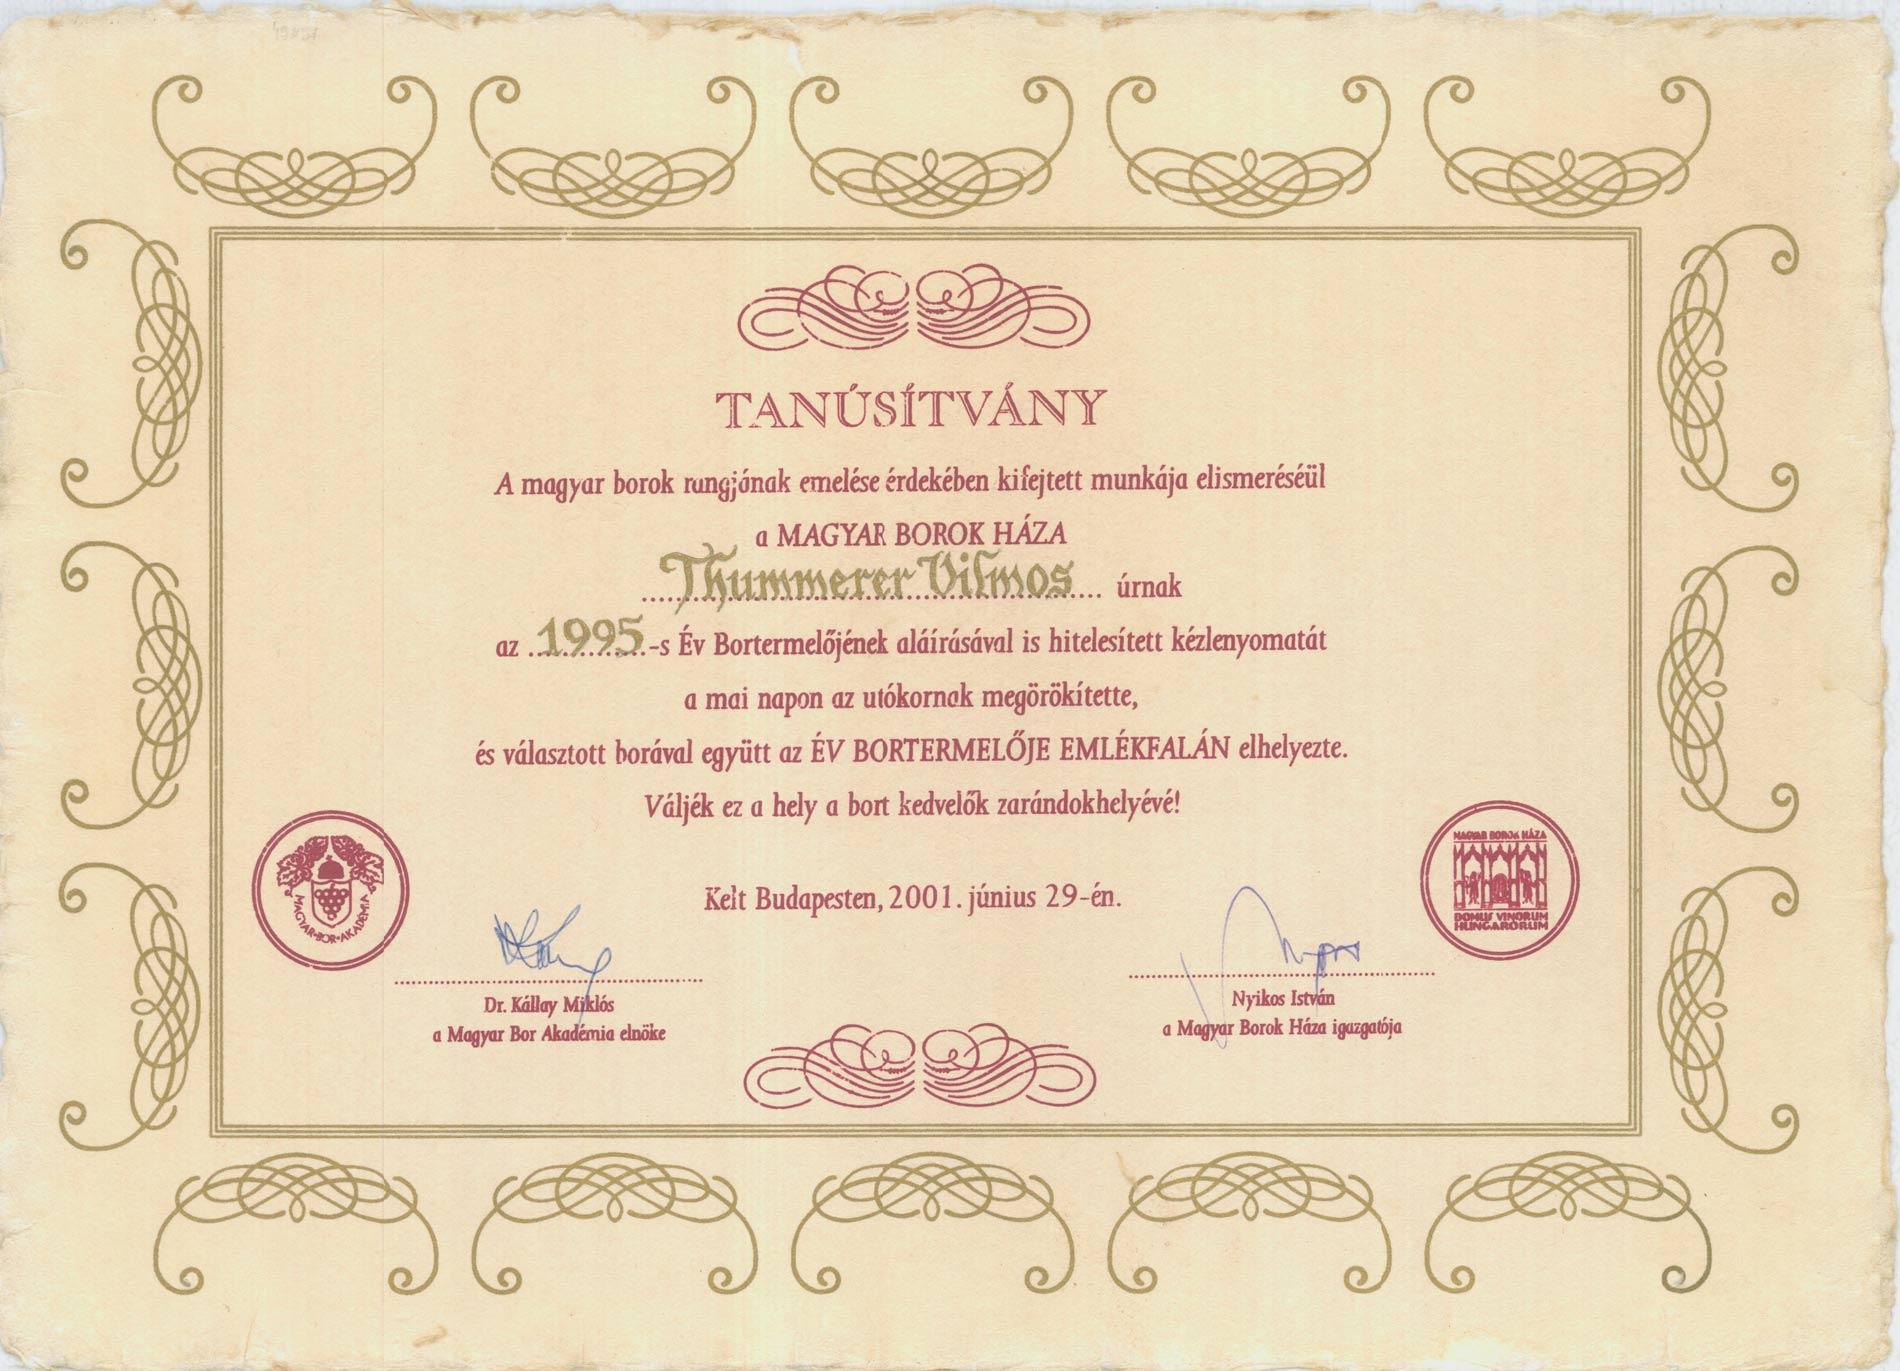 Memorian Wall Handprint Certificate